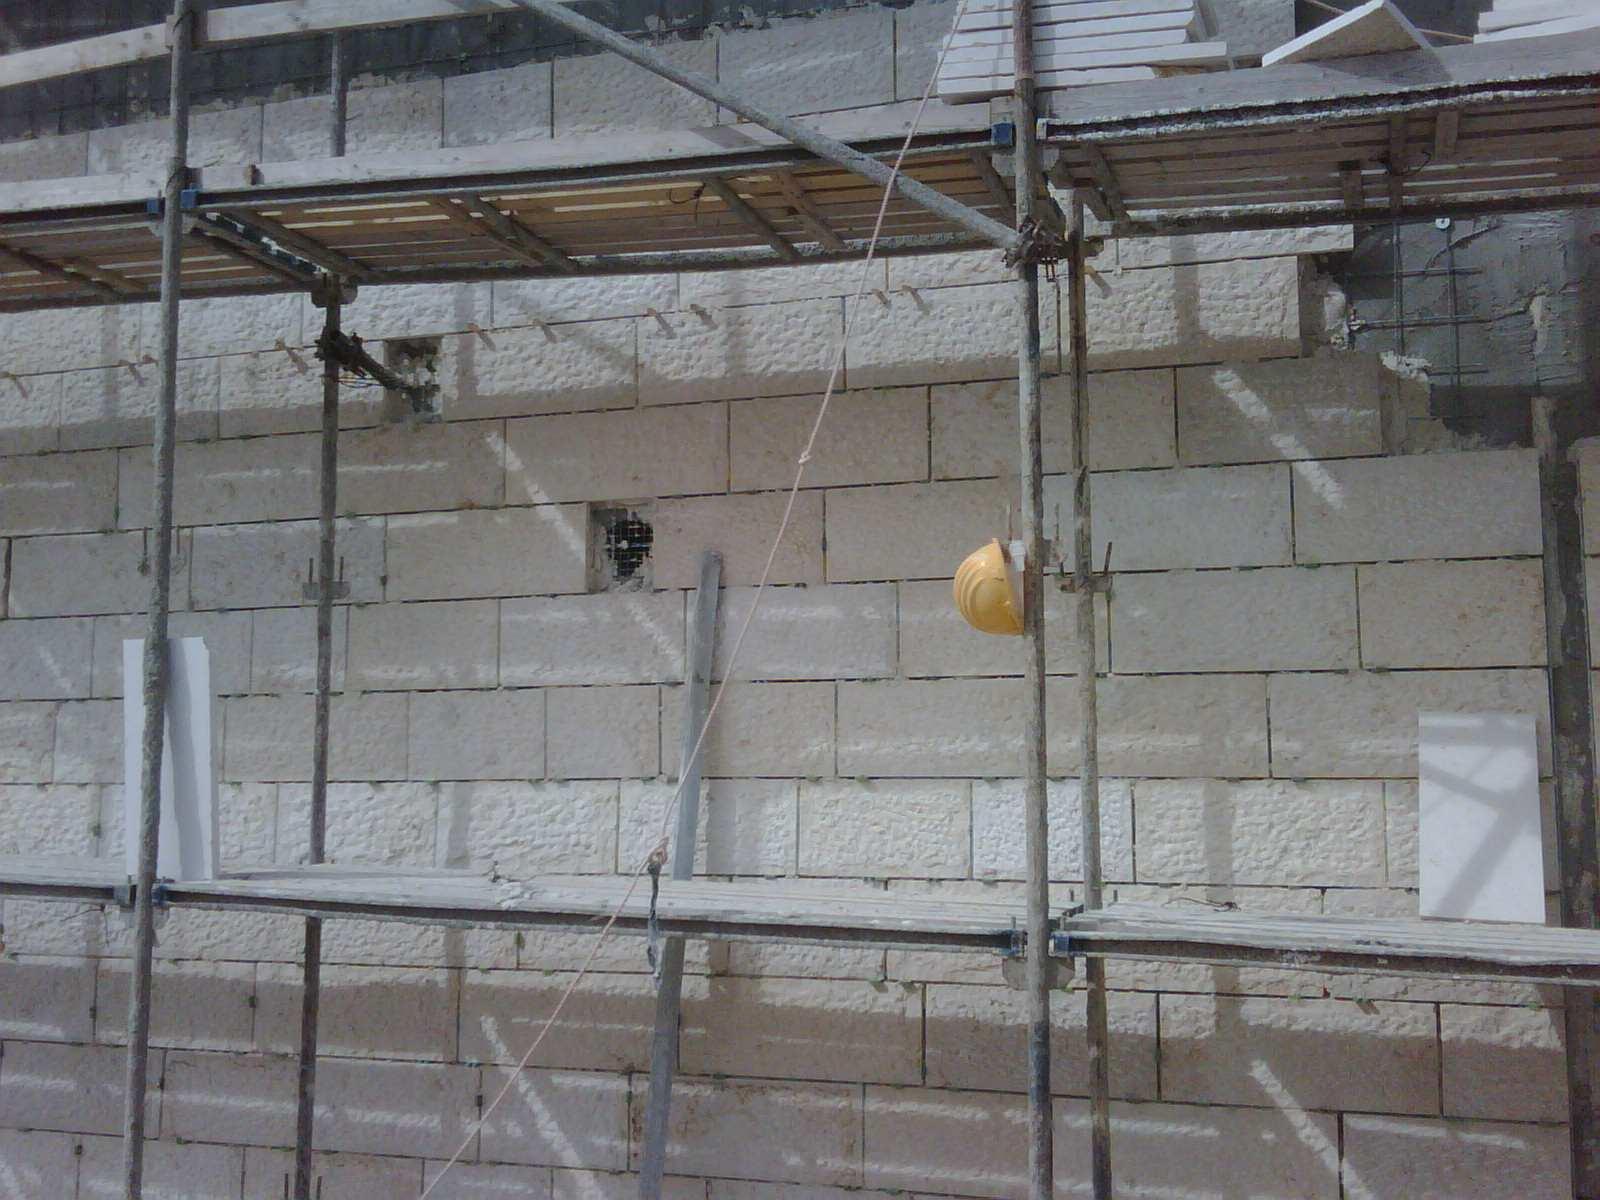 מפעל נייר מודיעין בסט - עיגון חיפוי אבן רטוב עם בורג בטון PS ועוגן חץ ASA-G